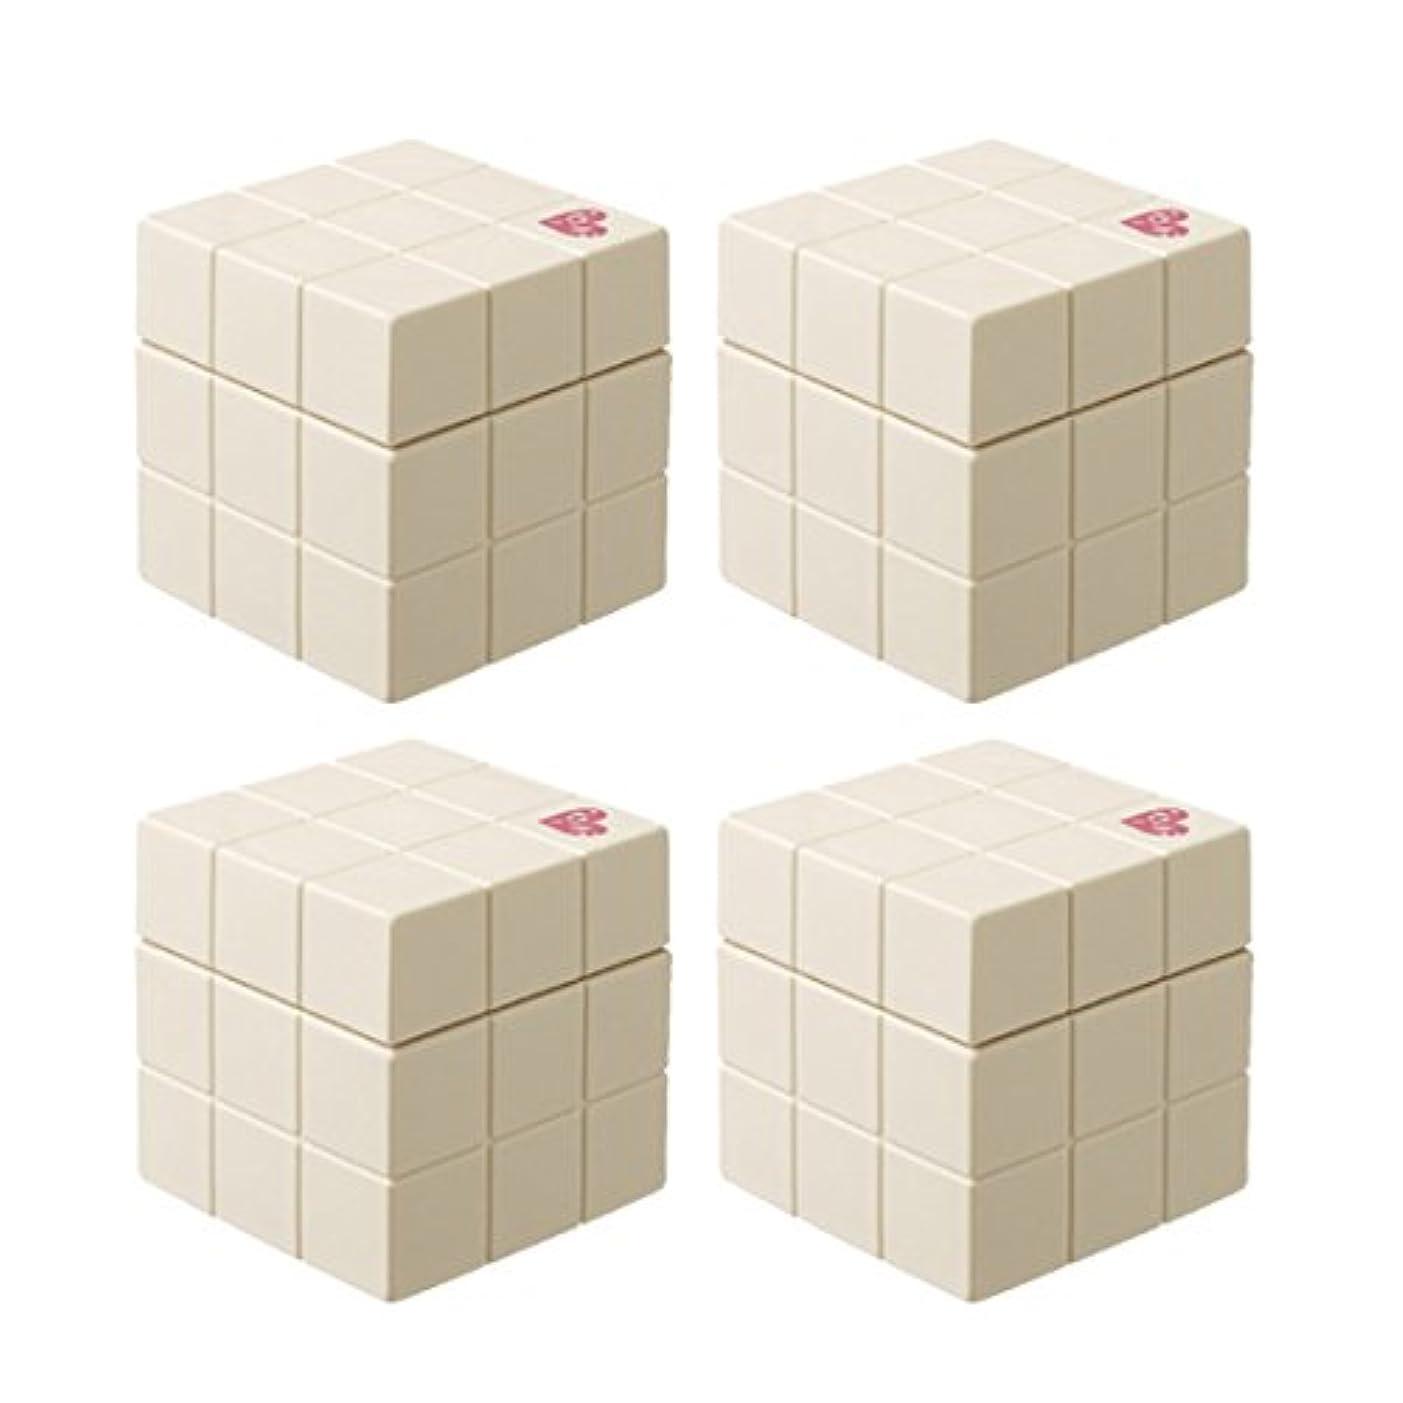 意外回答楽観的【x4個セット】 アリミノ ピース プロデザインシリーズ ニュアンスワックス バニラ 80g